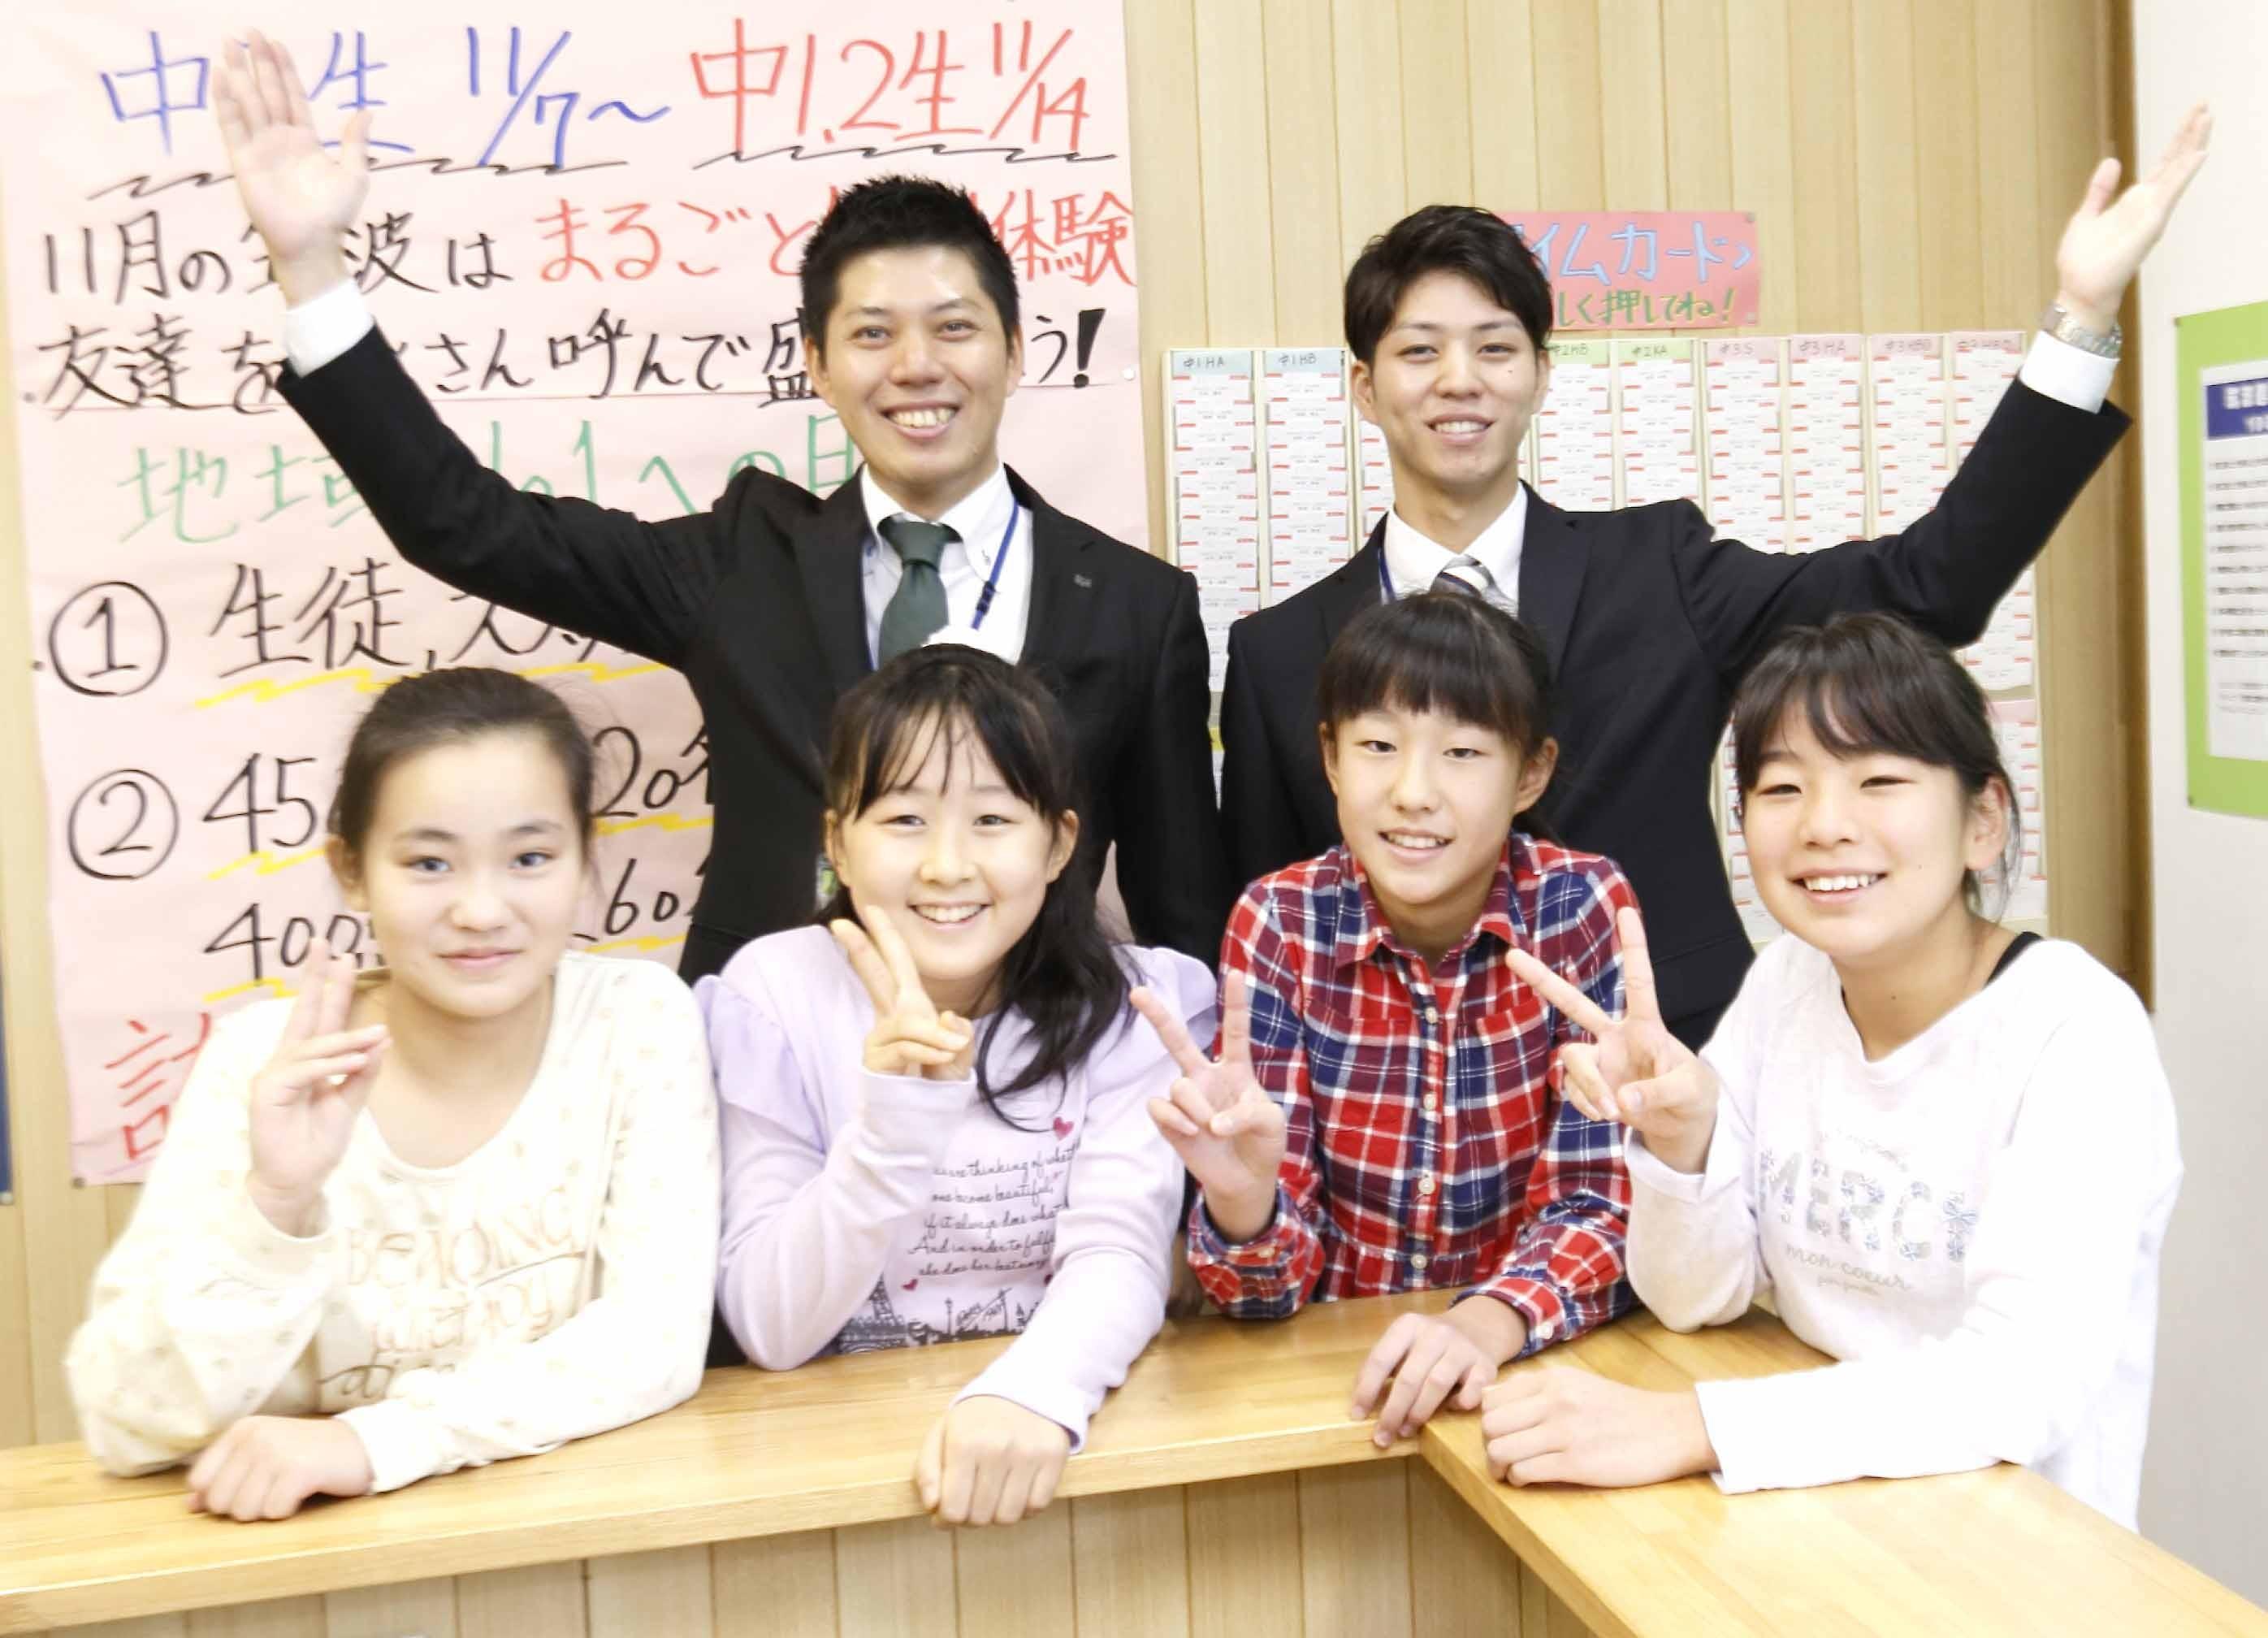 筑波進研スクール 片柳教室のアルバイト情報